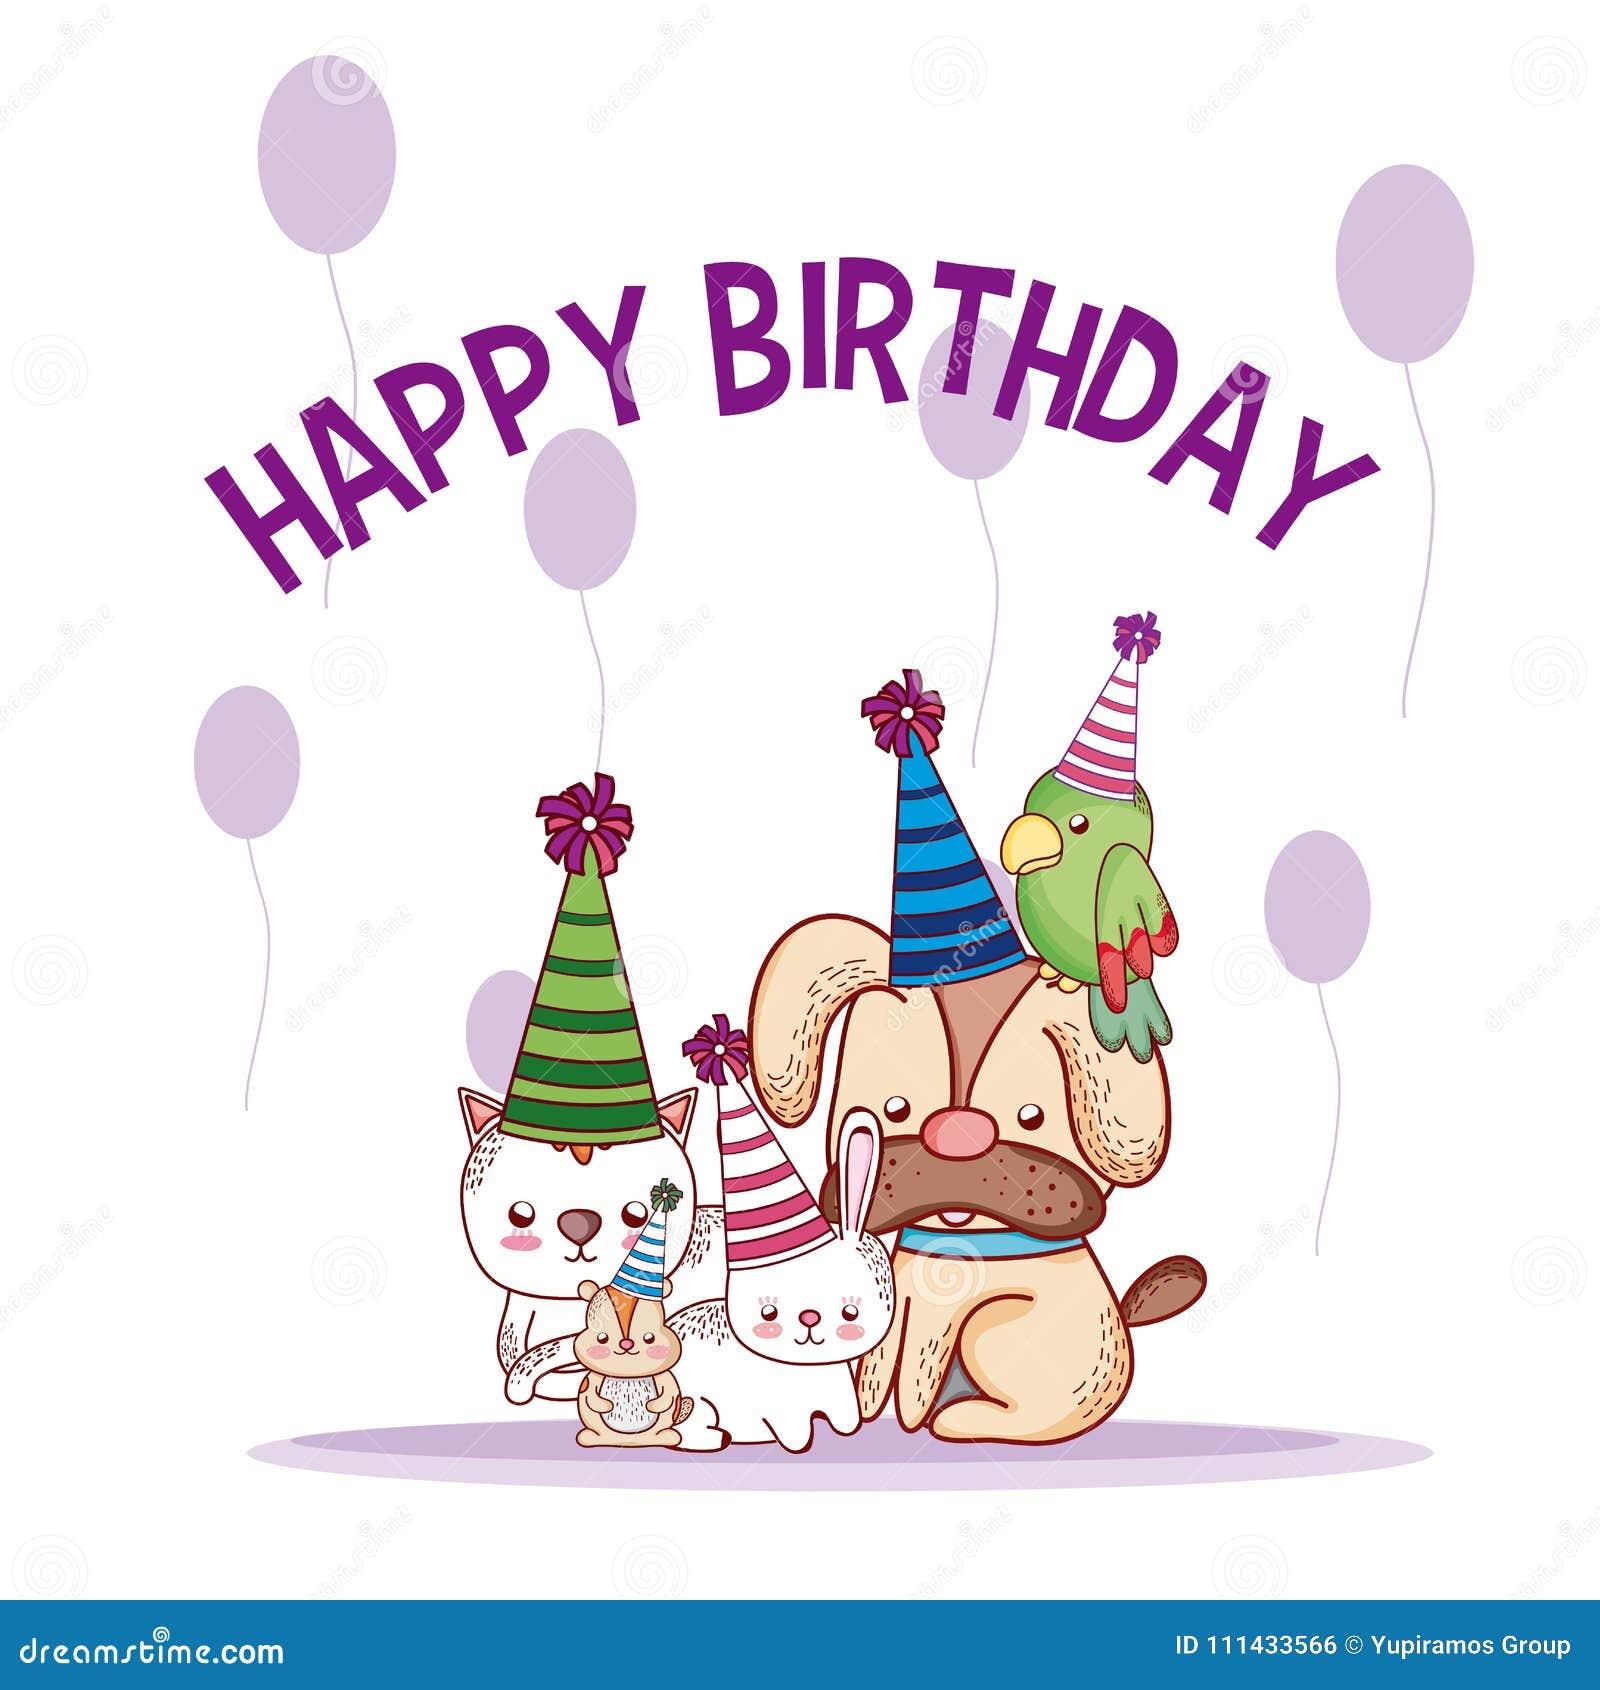 Happy birthday pets cartoons